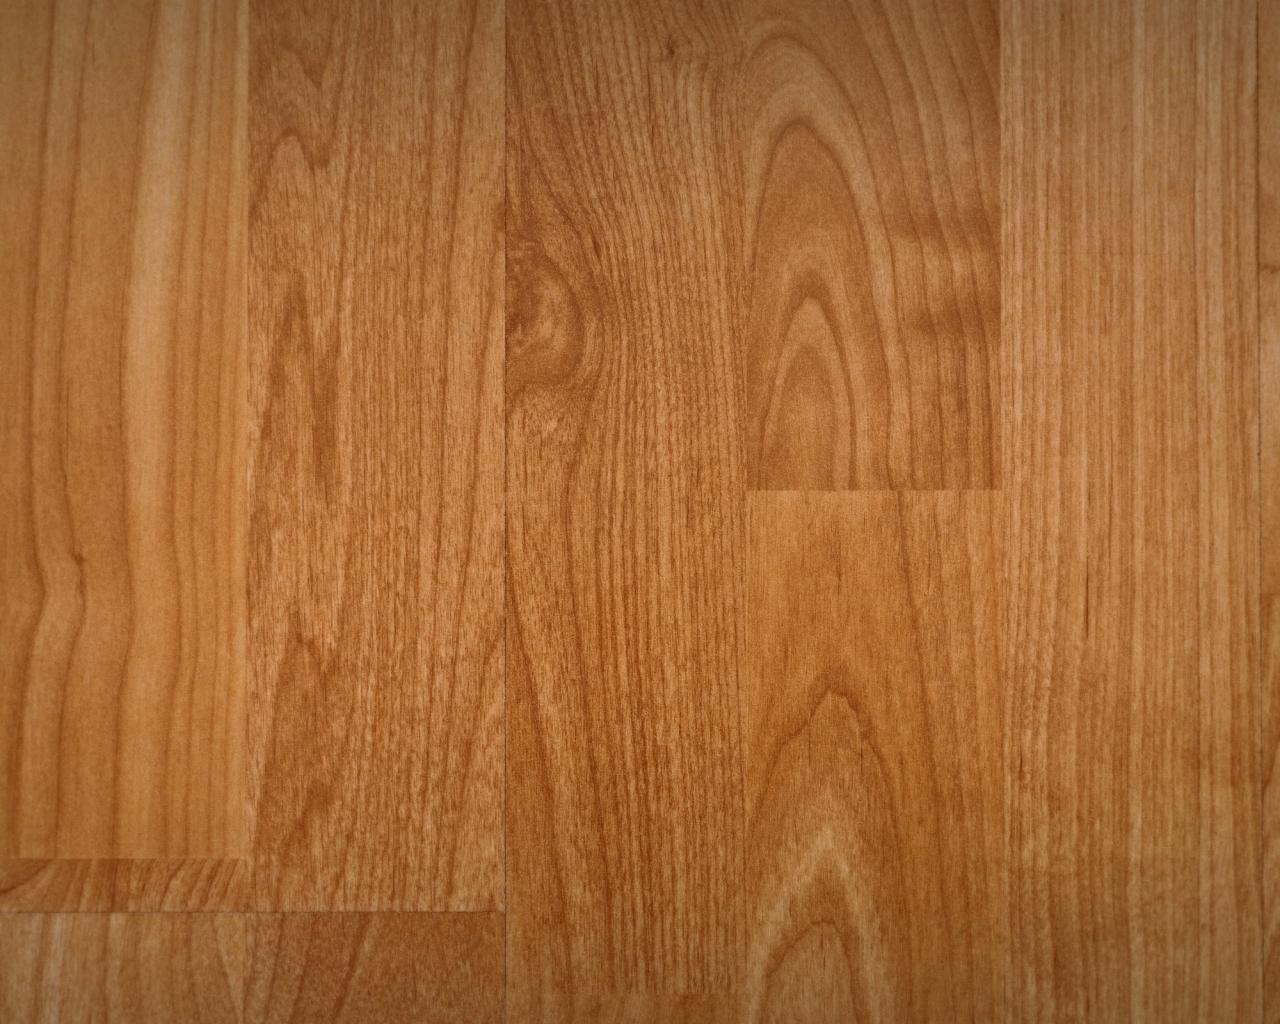 Textura de madera clara - 1280x1024